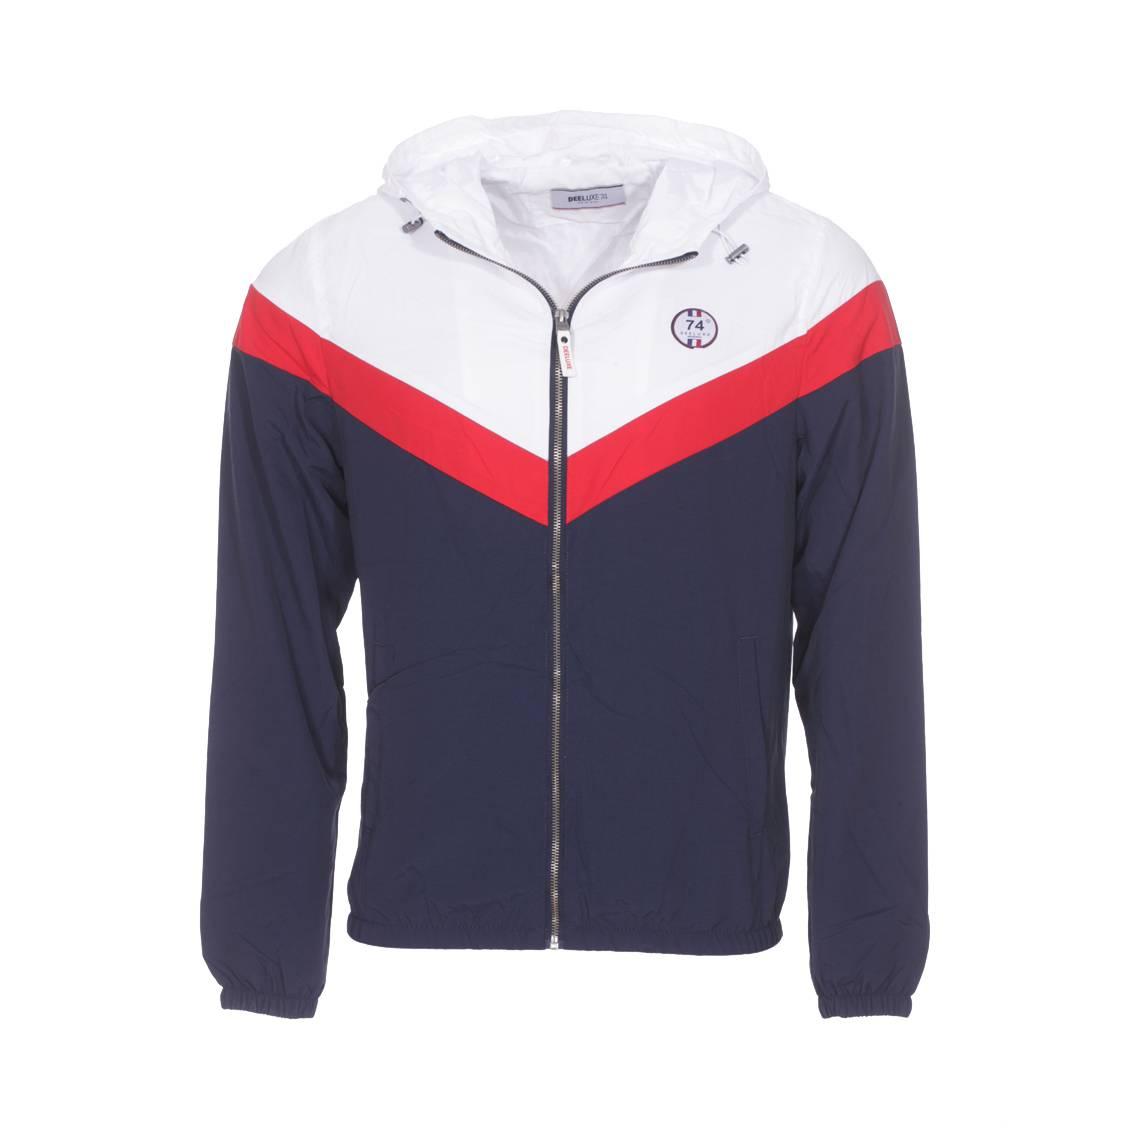 Veste zippée à capuche  retro bleu marineà bande rouge et épaules blanches